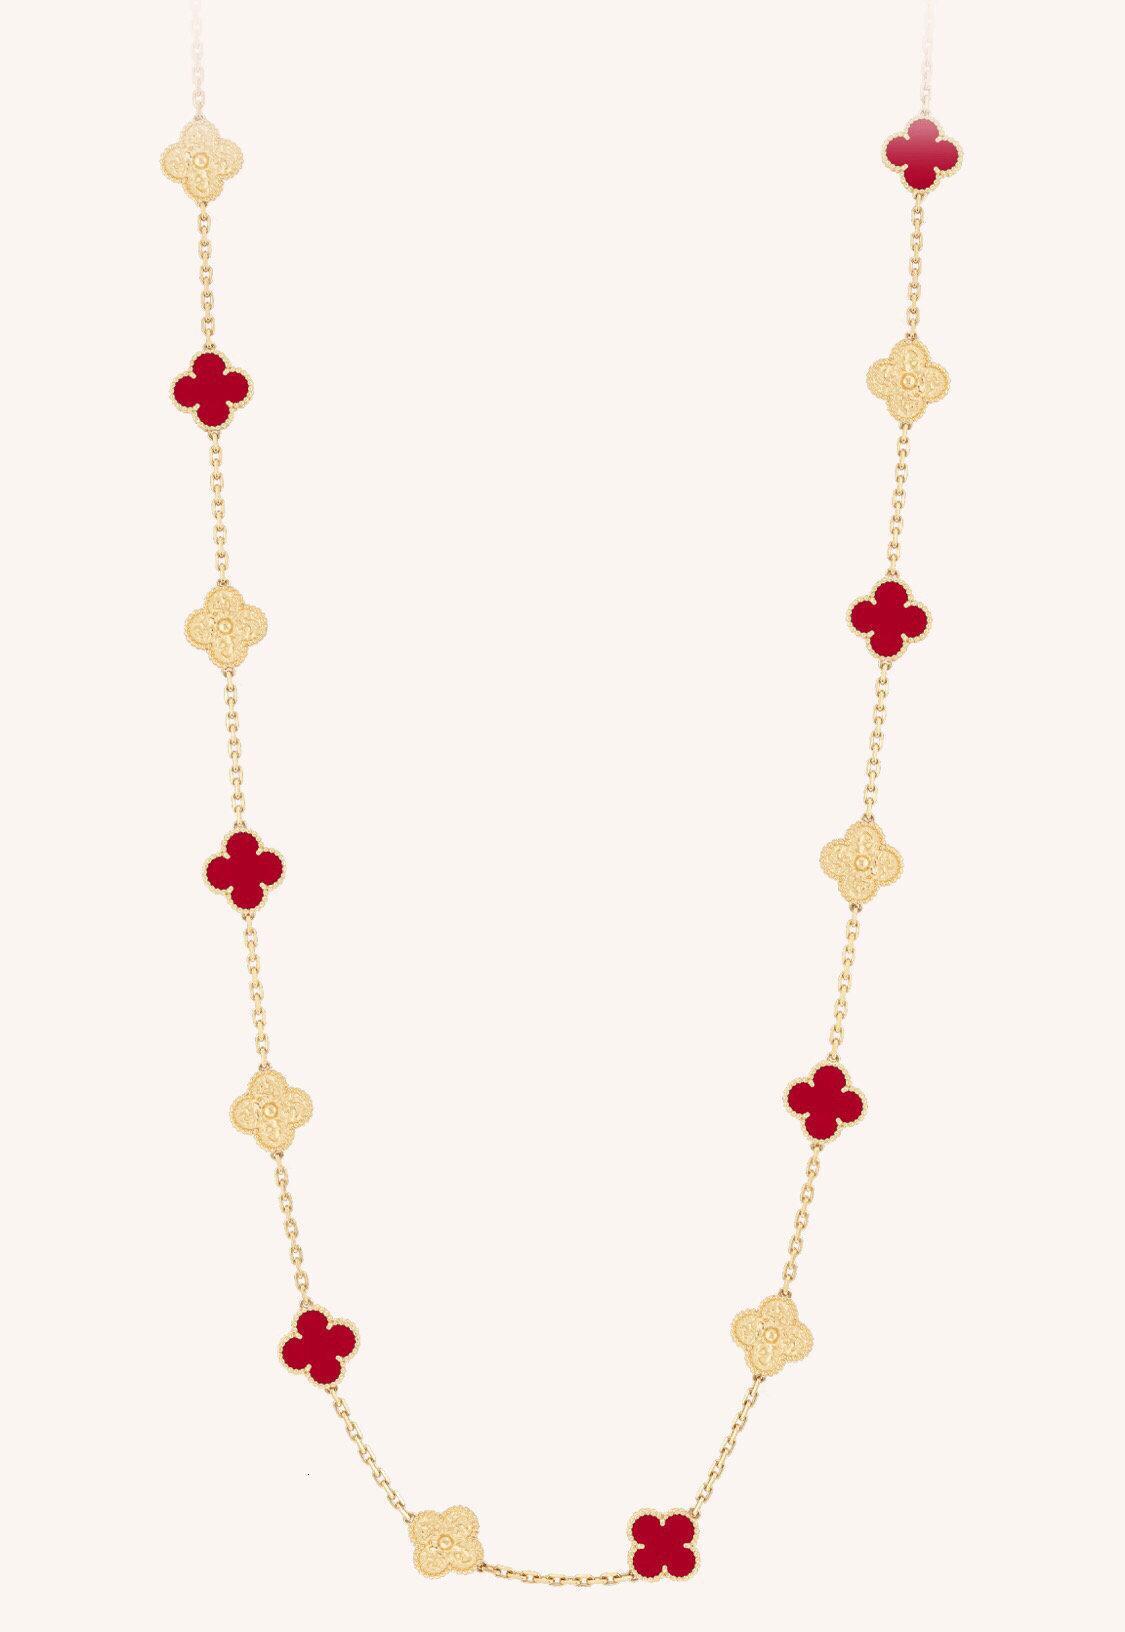 2020 de alta qualidade senhoras jóia colar com vestido de festa melhor charme jóias lindo pingente de colar C1C9